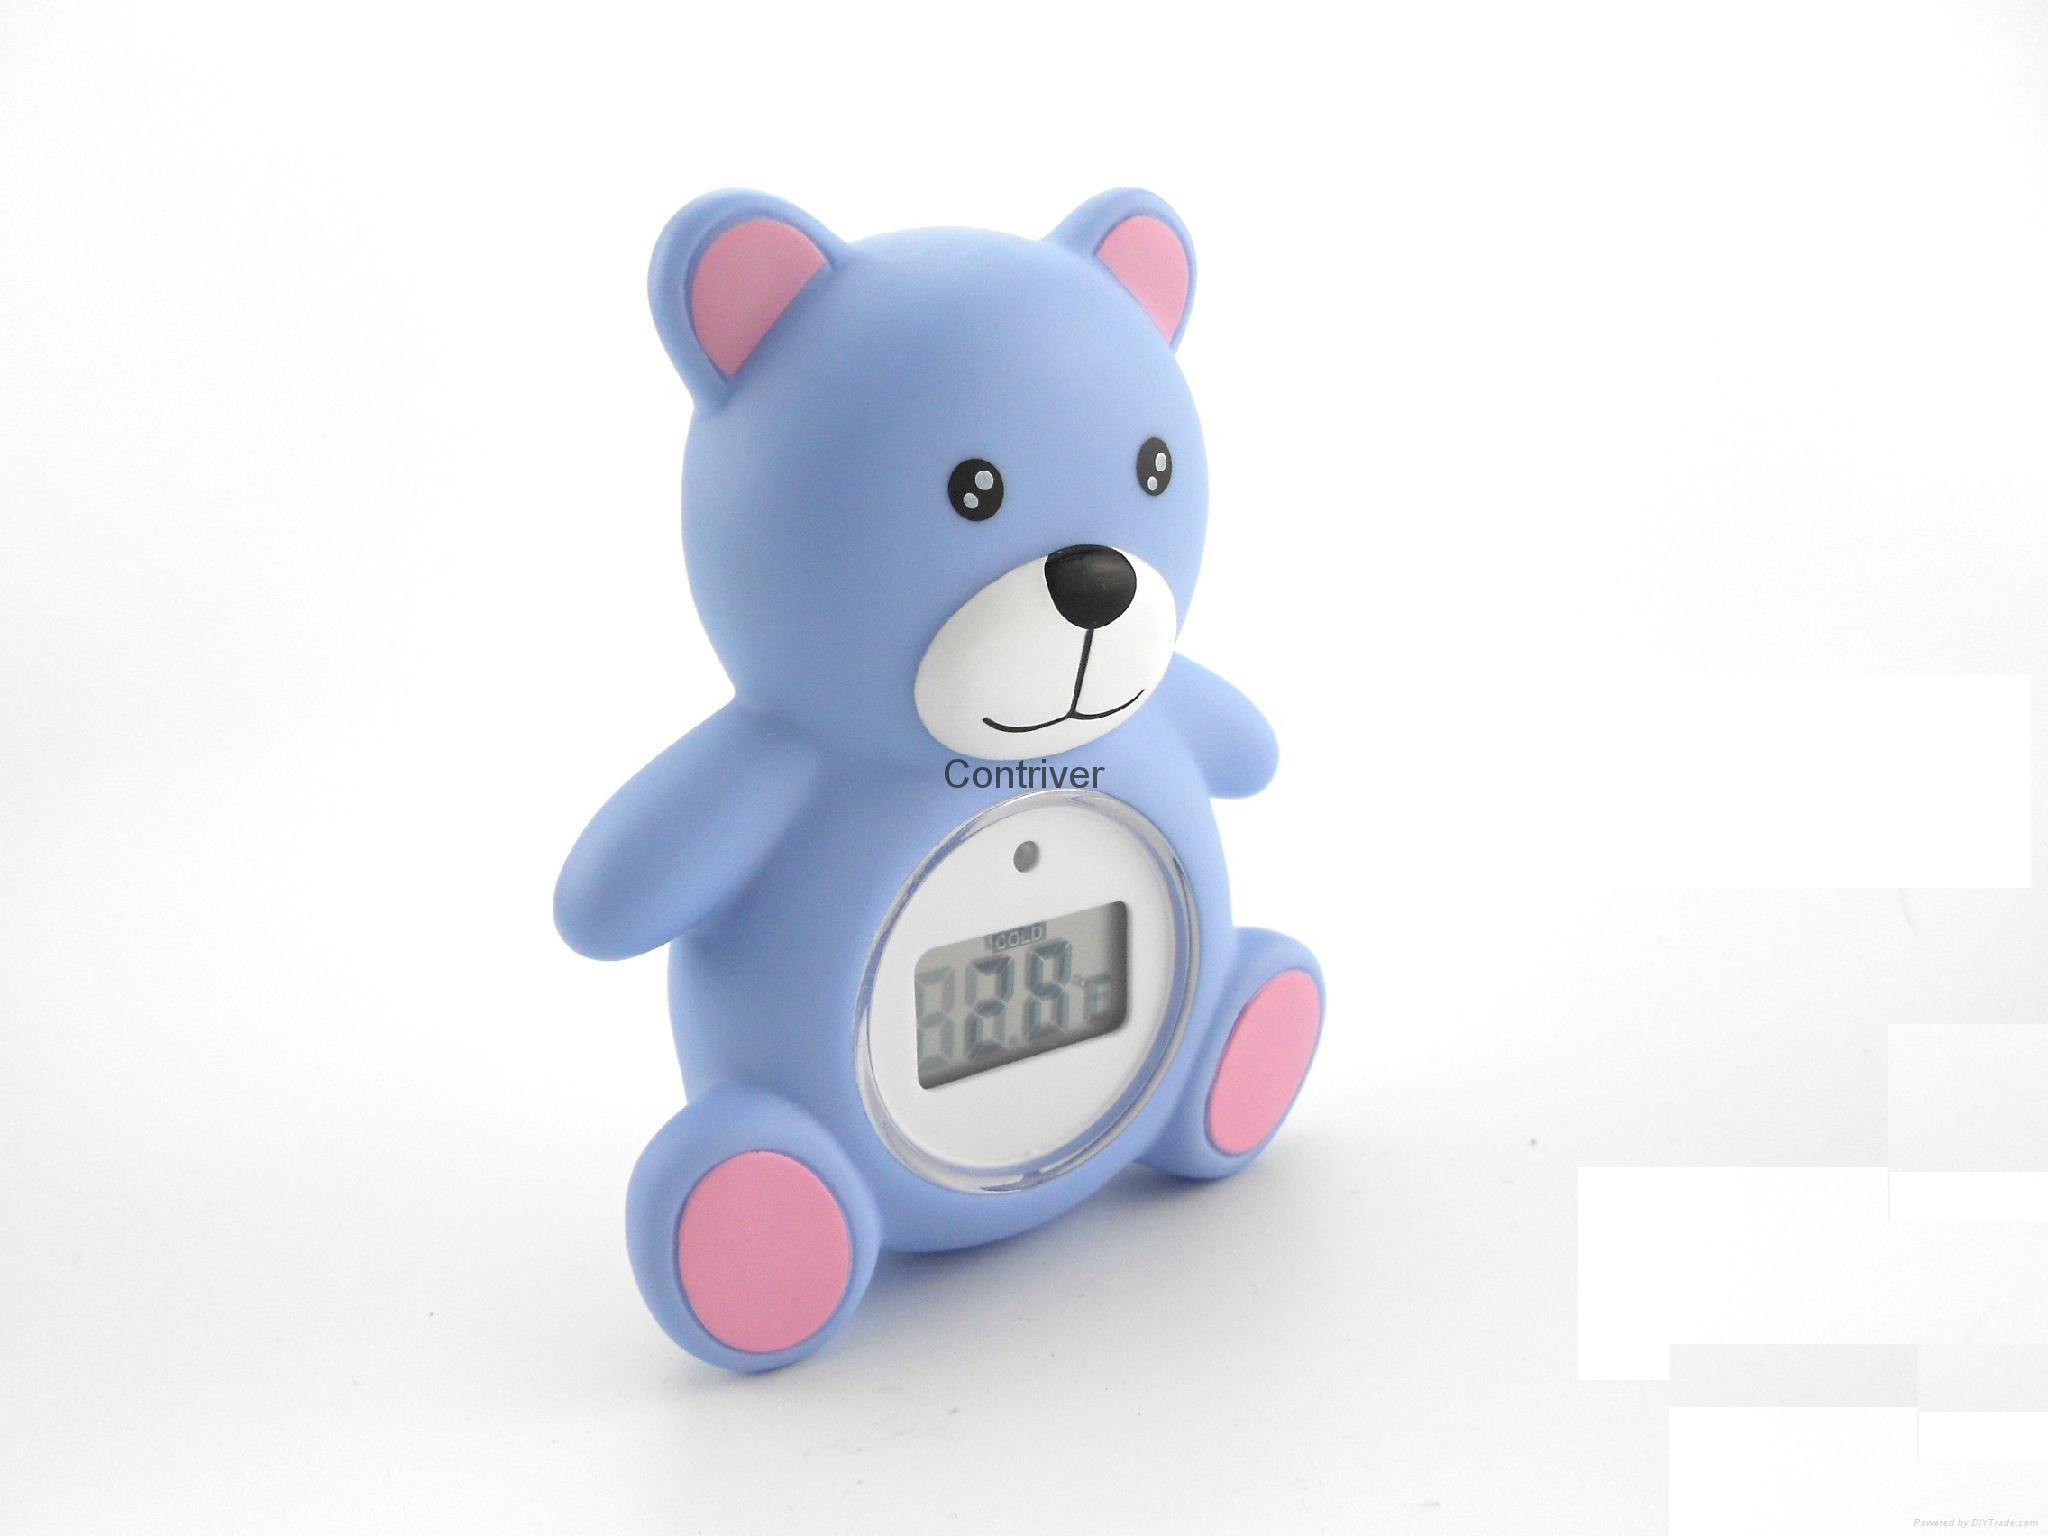 小熊浴缸室内两用温度计 2